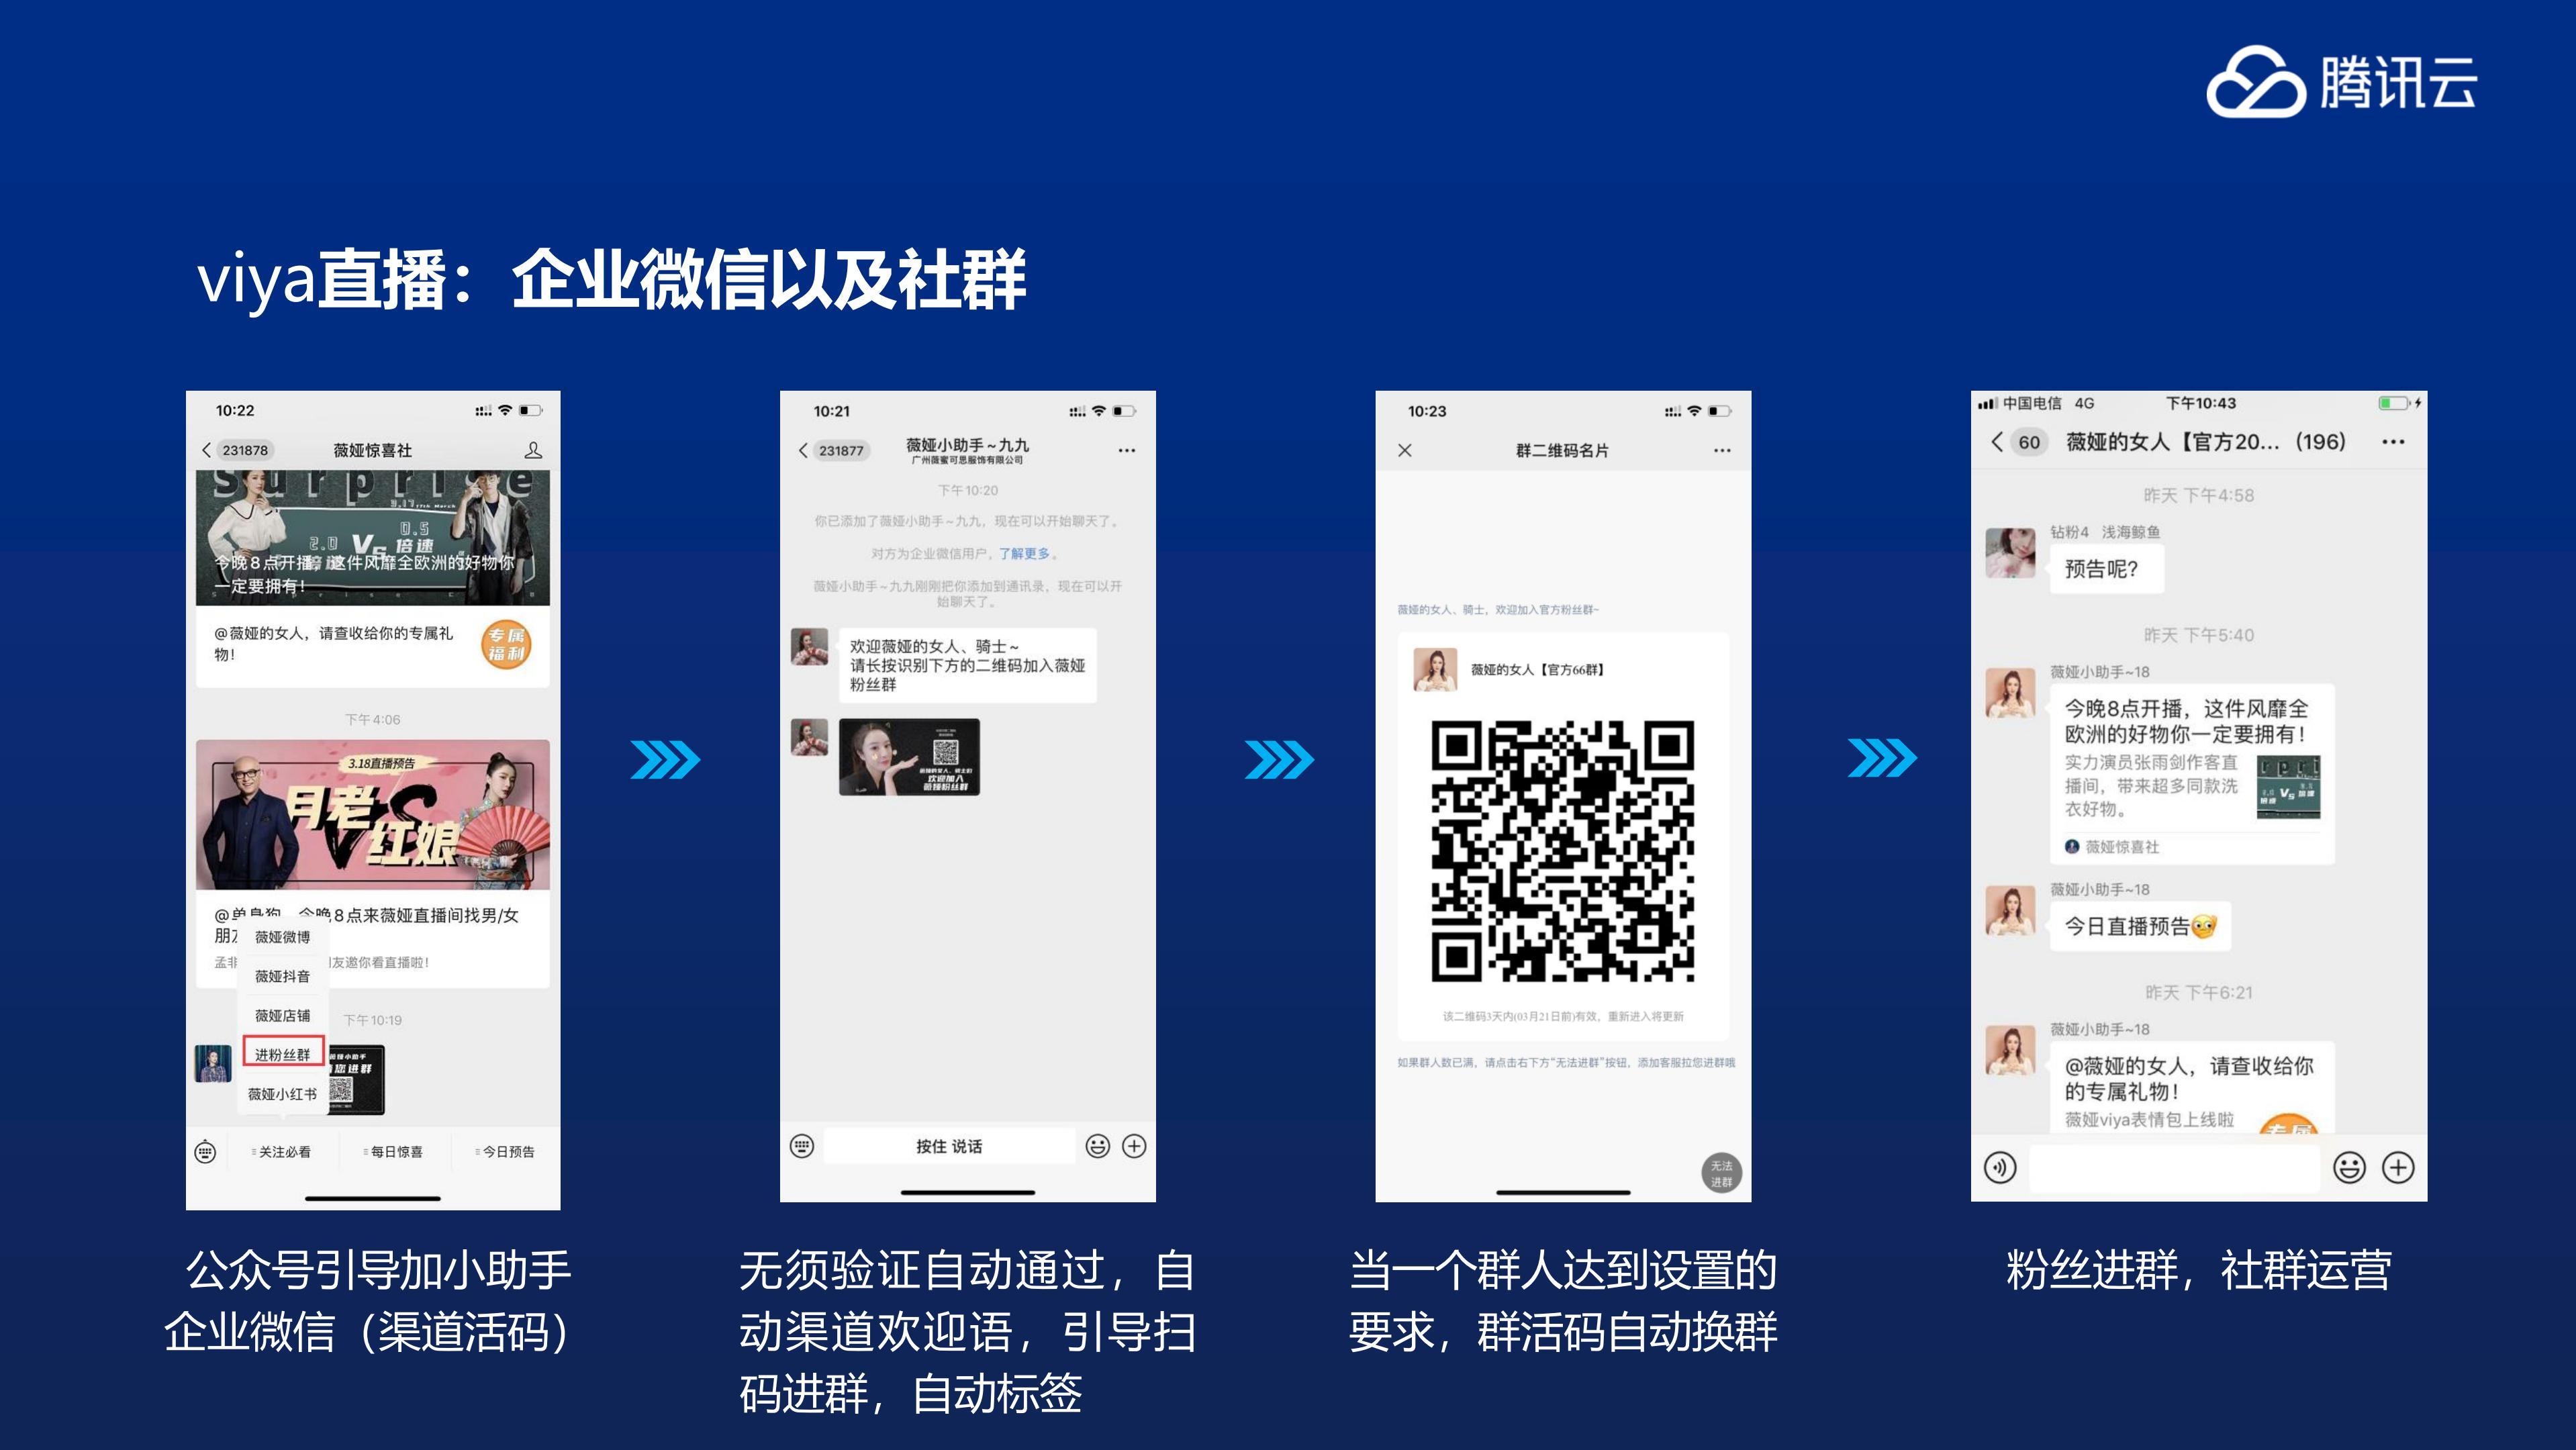 腾讯云企微管家产品介绍_13.jpg